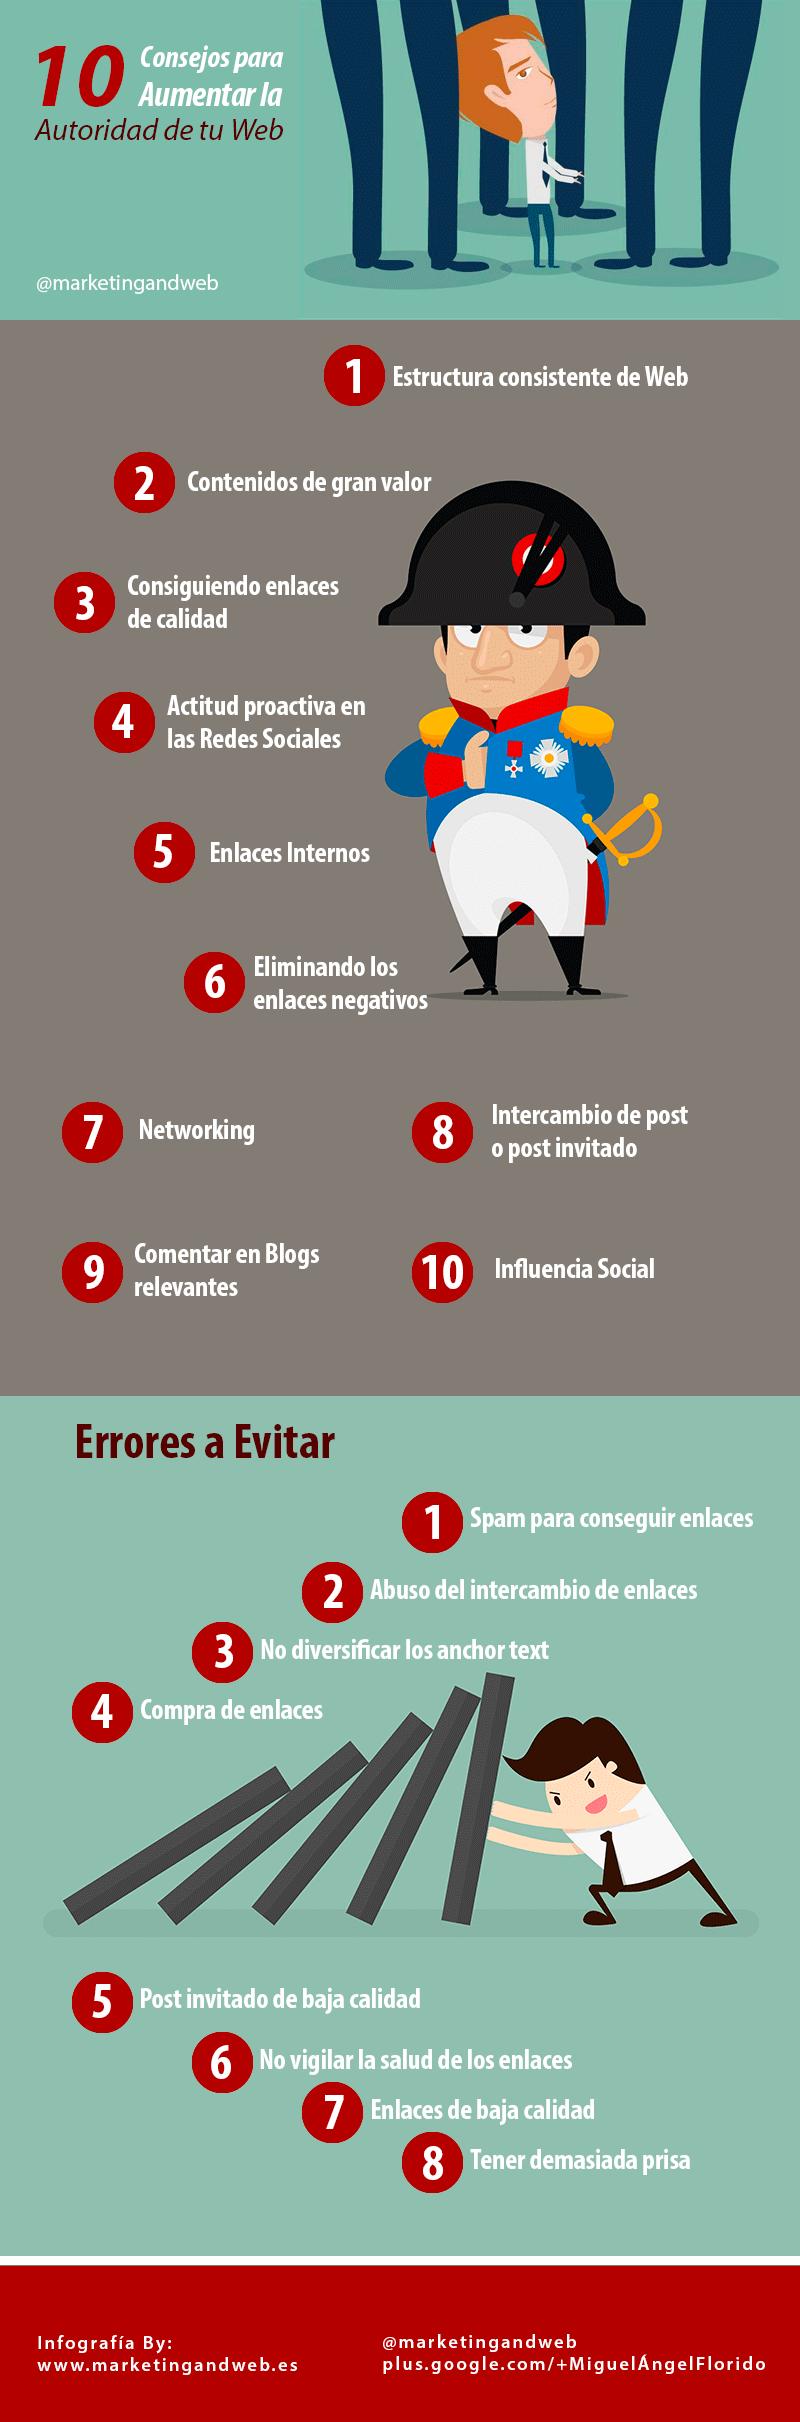 10 Consejos para aumentar la autoridad de tu Web